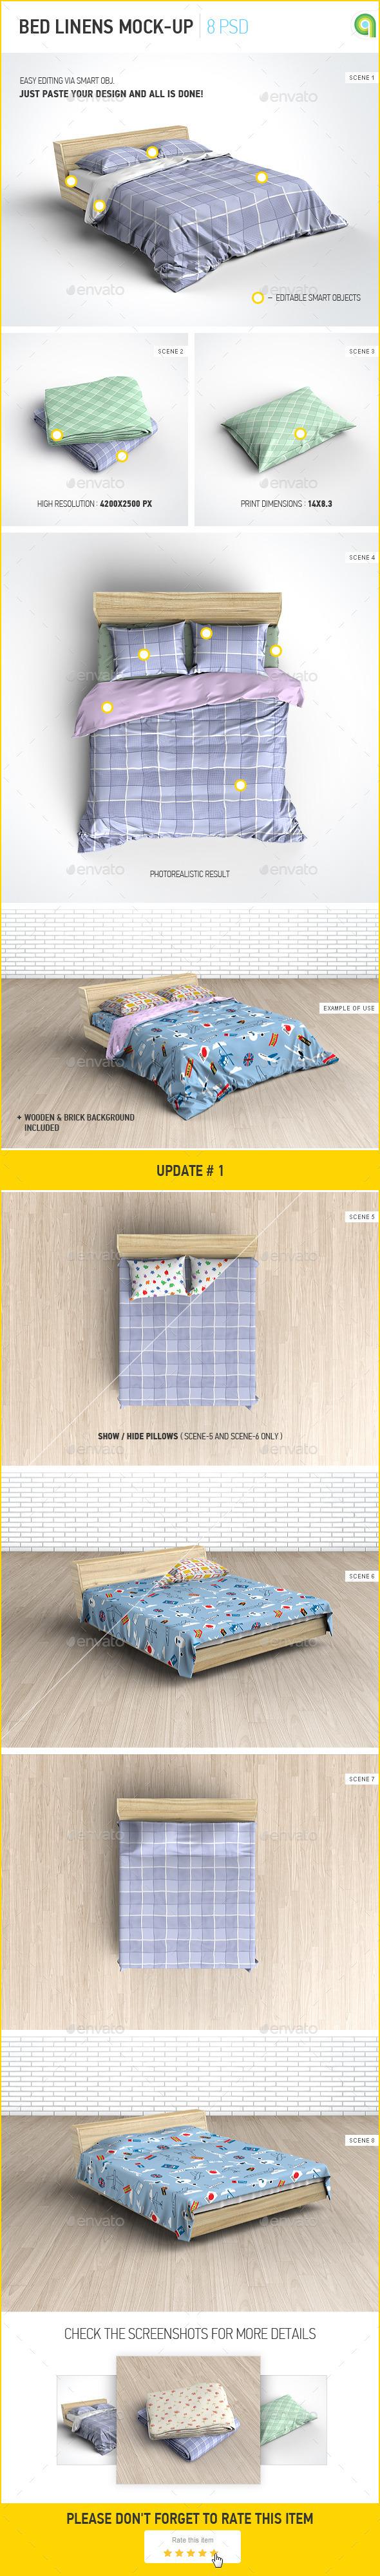 Bed Linens Mock-Up Bedding Set Template